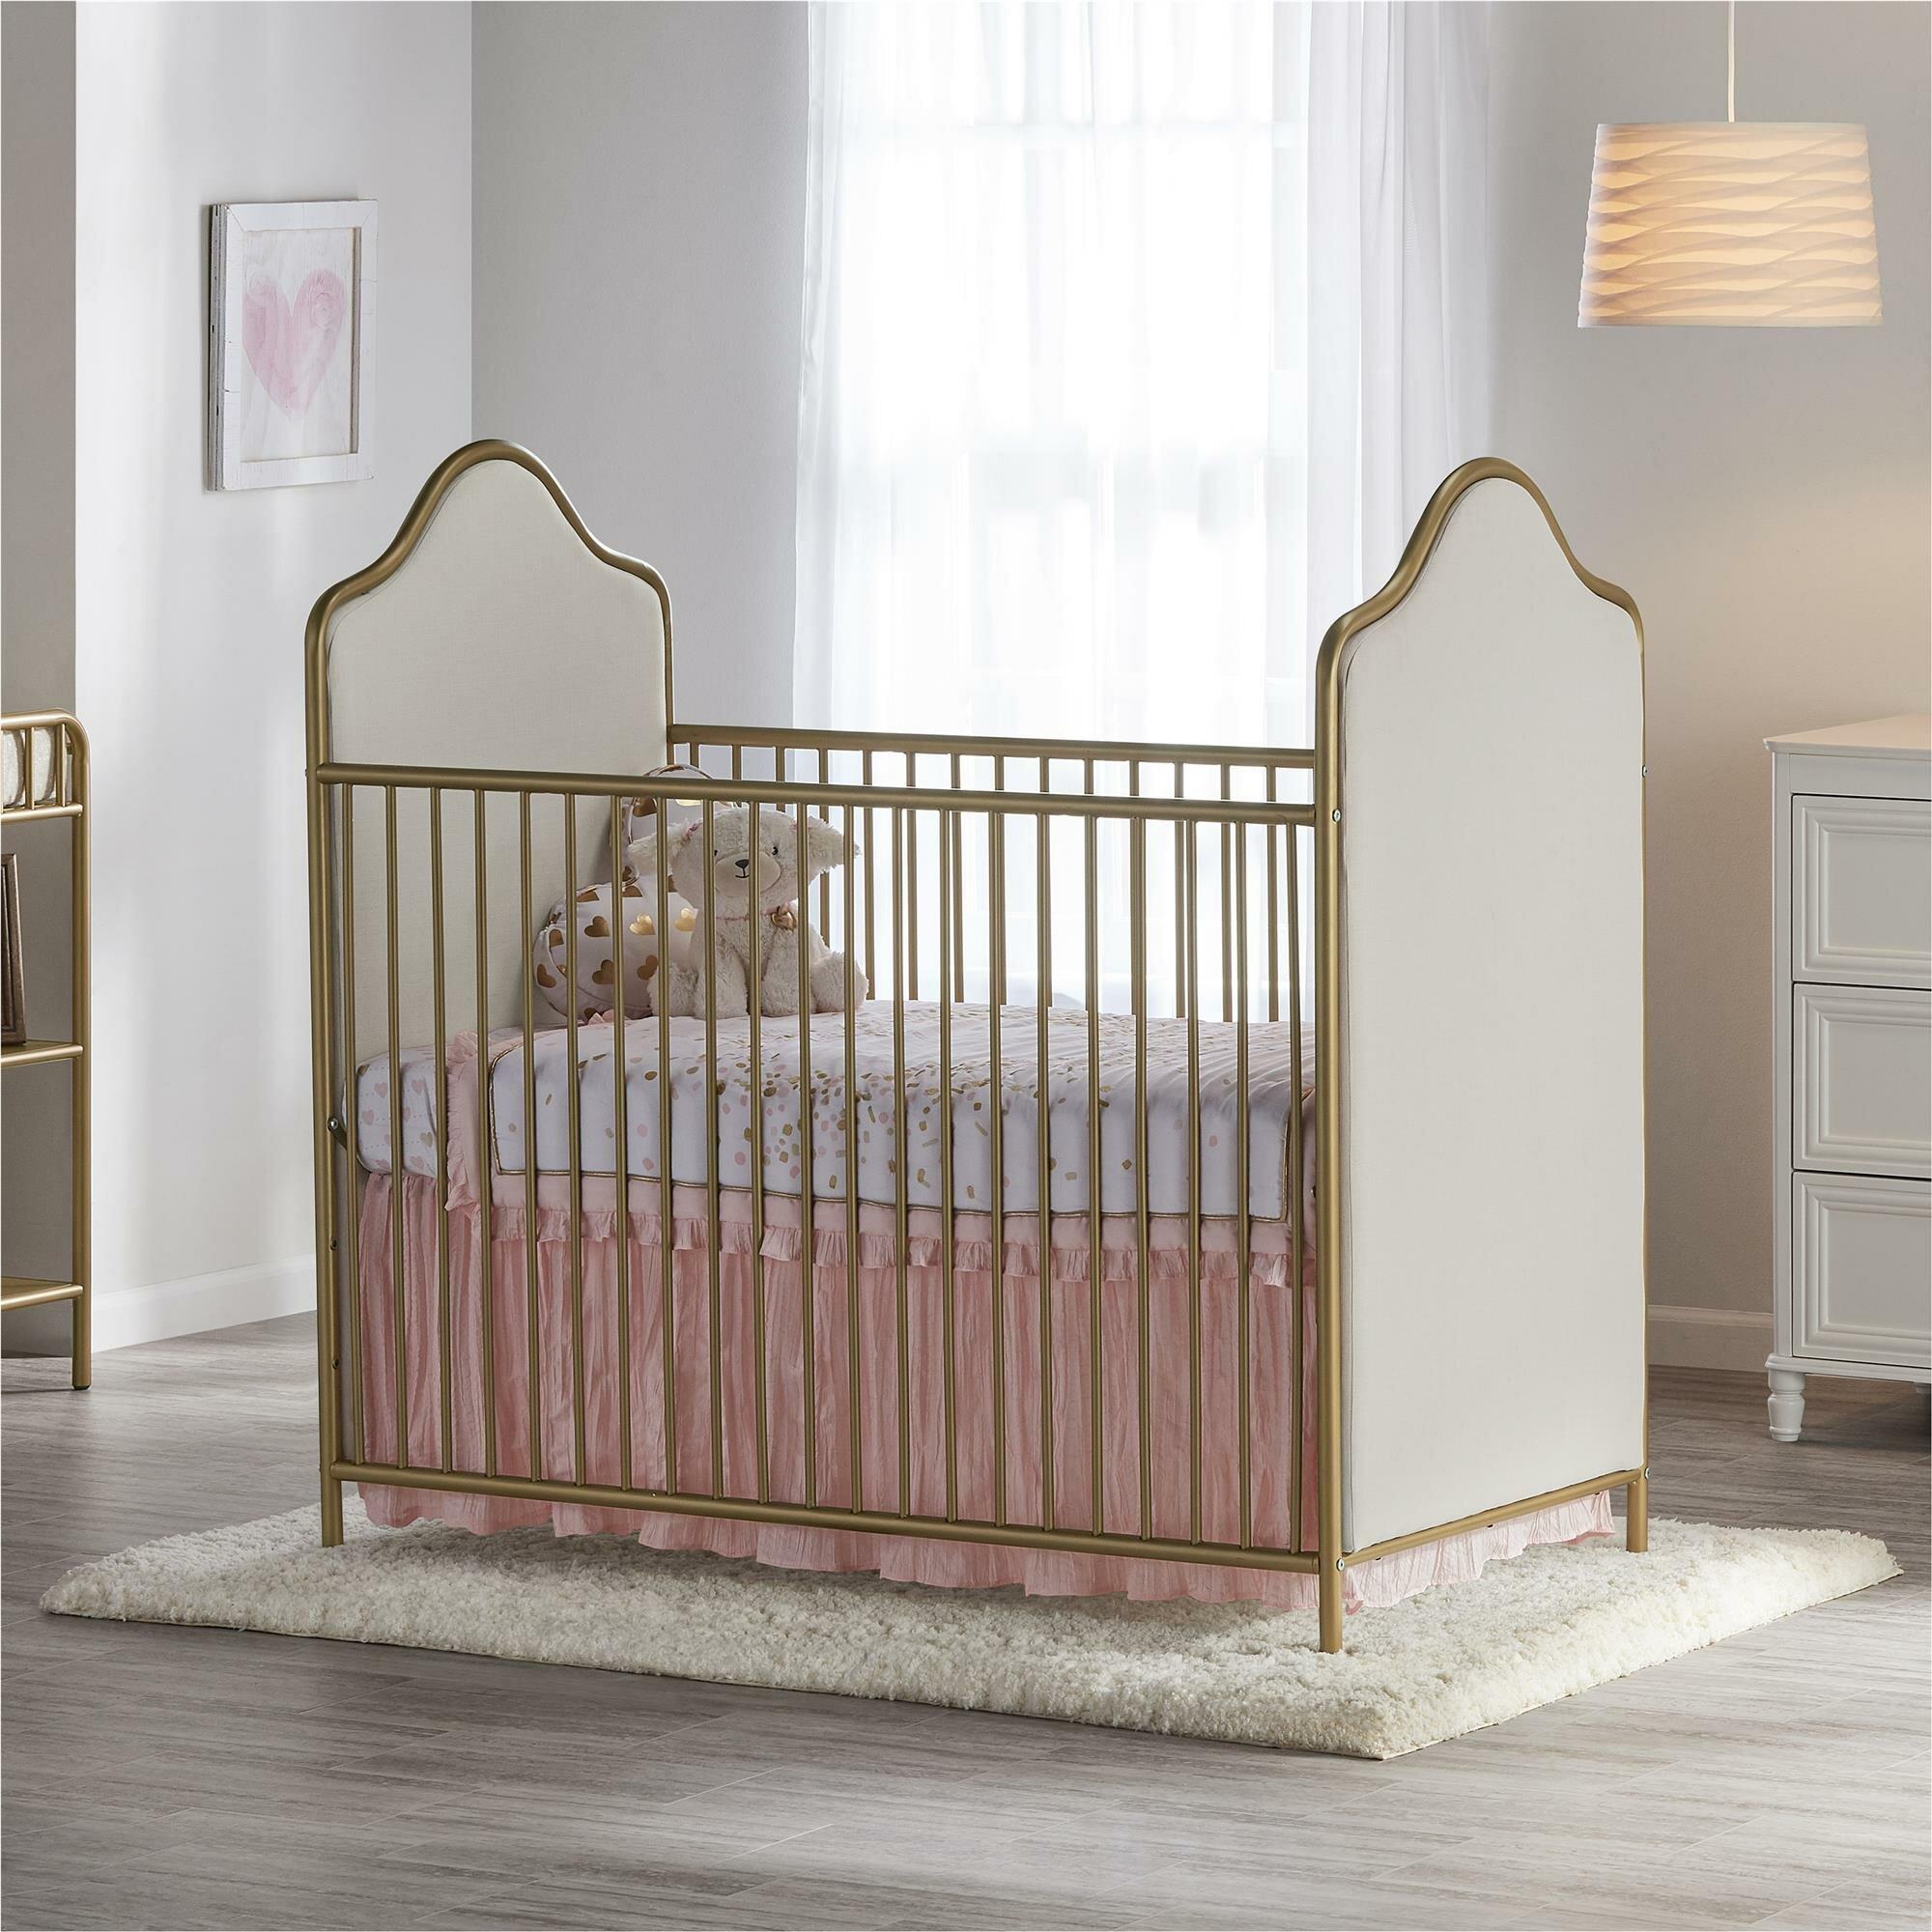 crib cribs linen sheet through products see home parachute fog